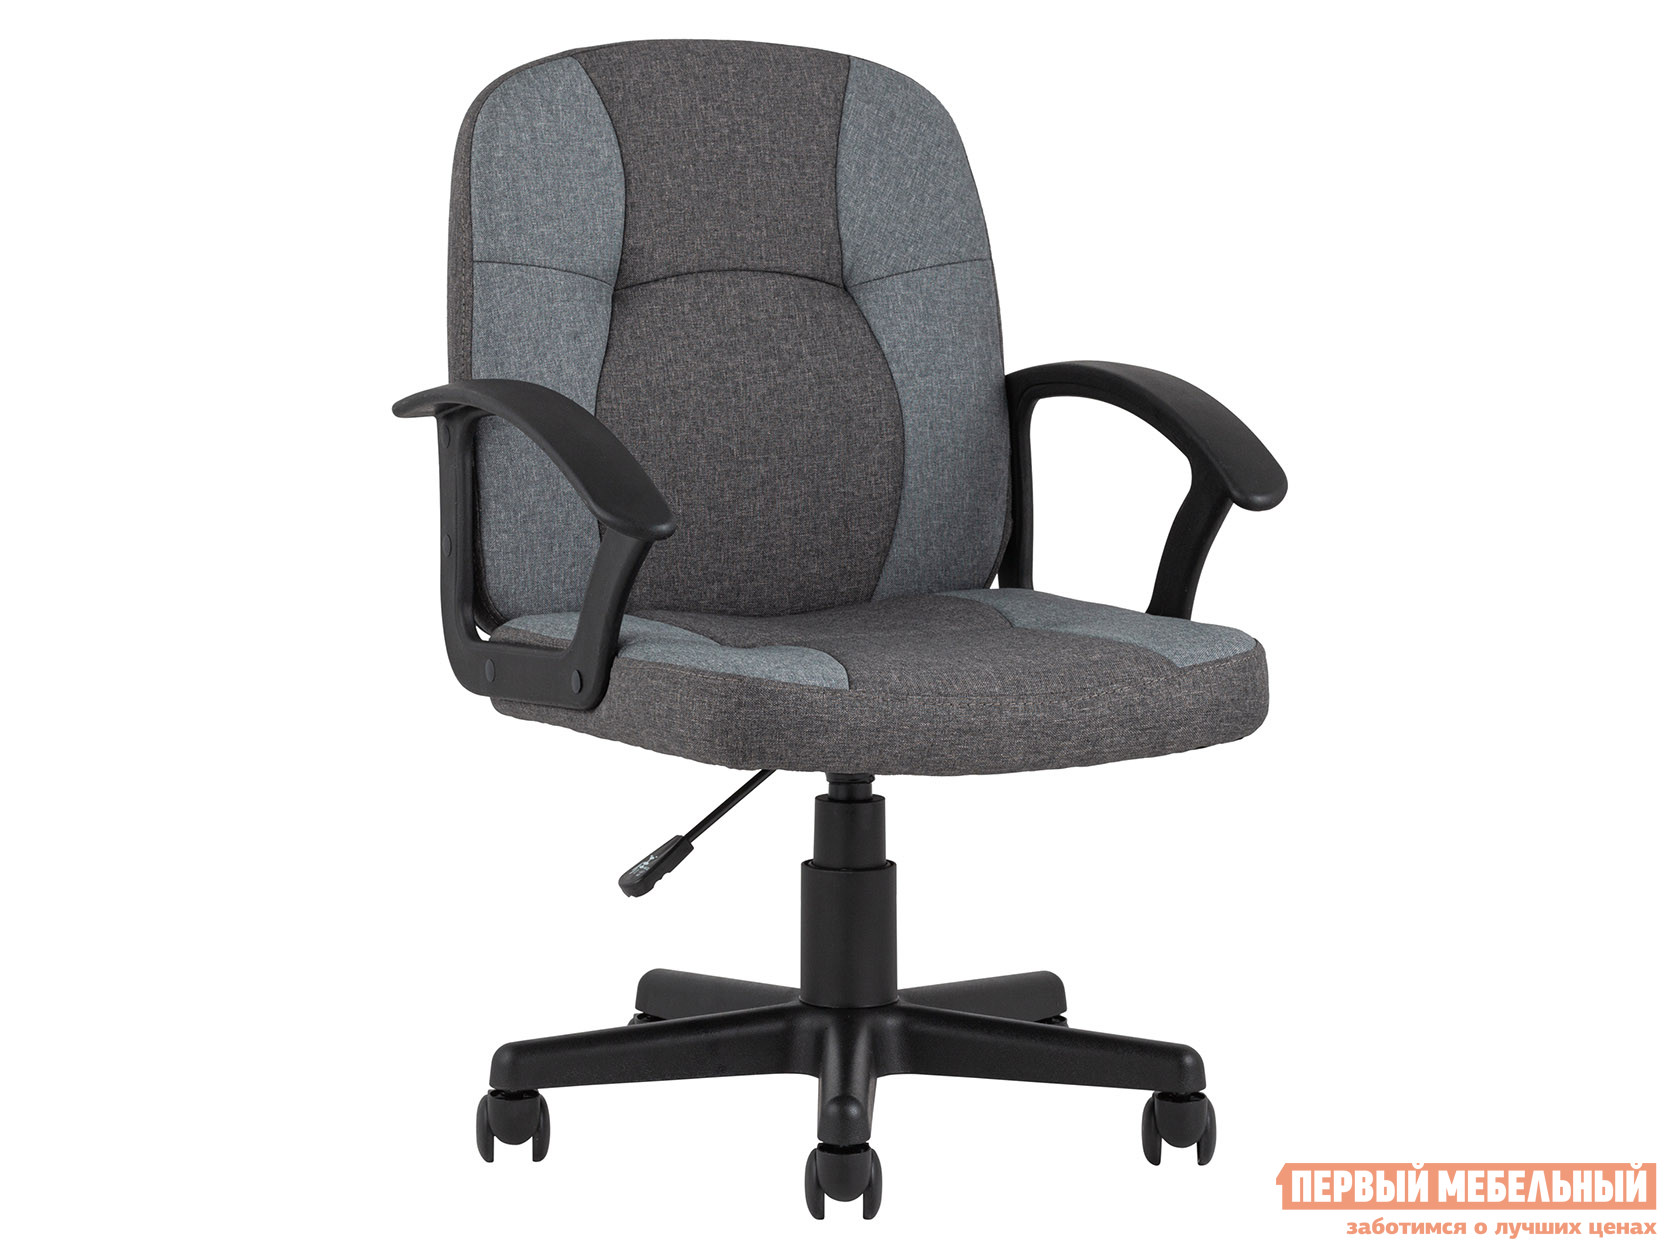 Офисное кресло  TopChairs Comfort Серый, ткань / STOOL GROUP 105254